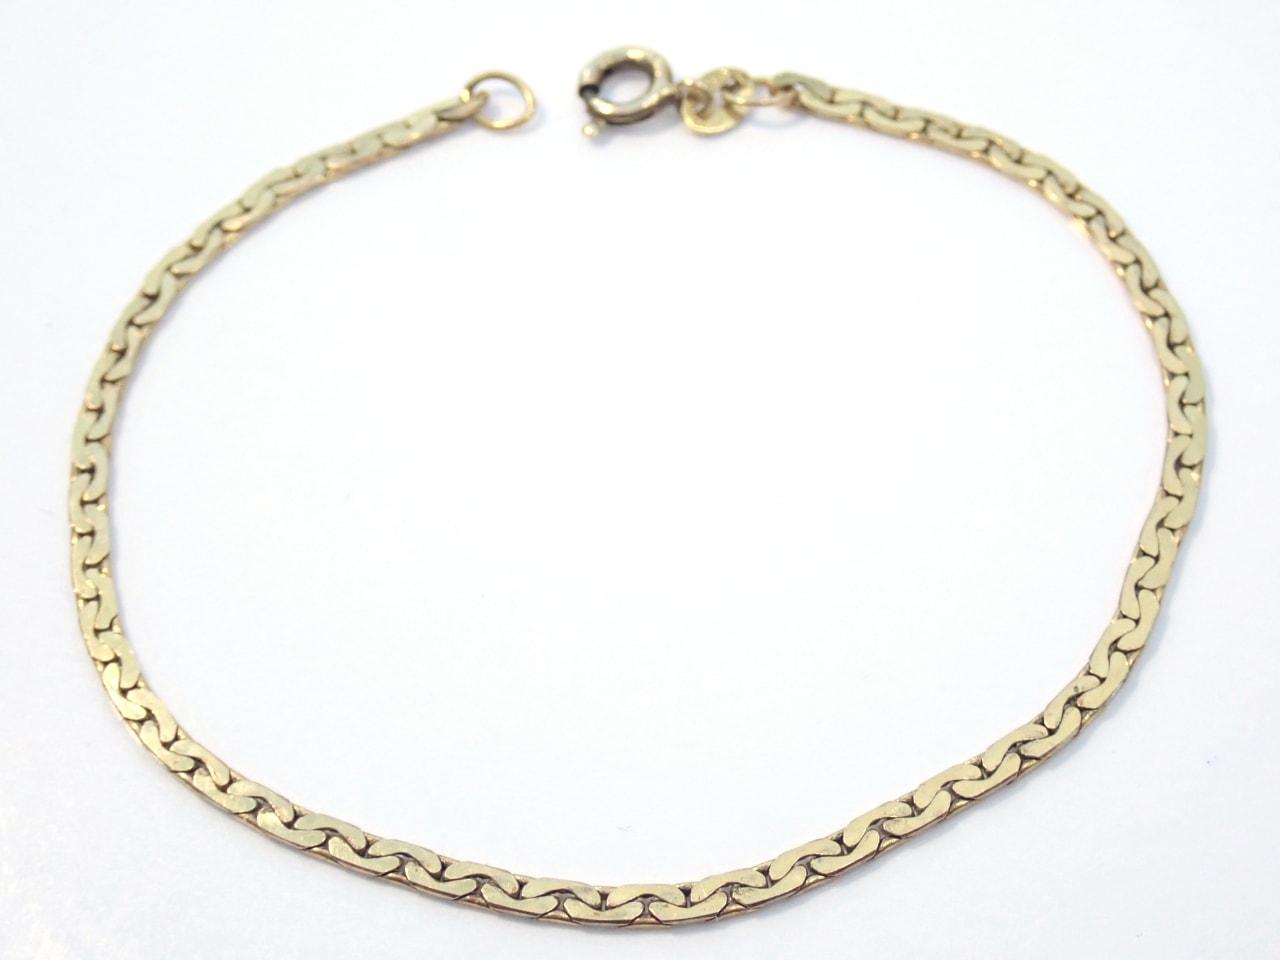 Fancy Linked 9K Gold Bracelet - Anklet 7